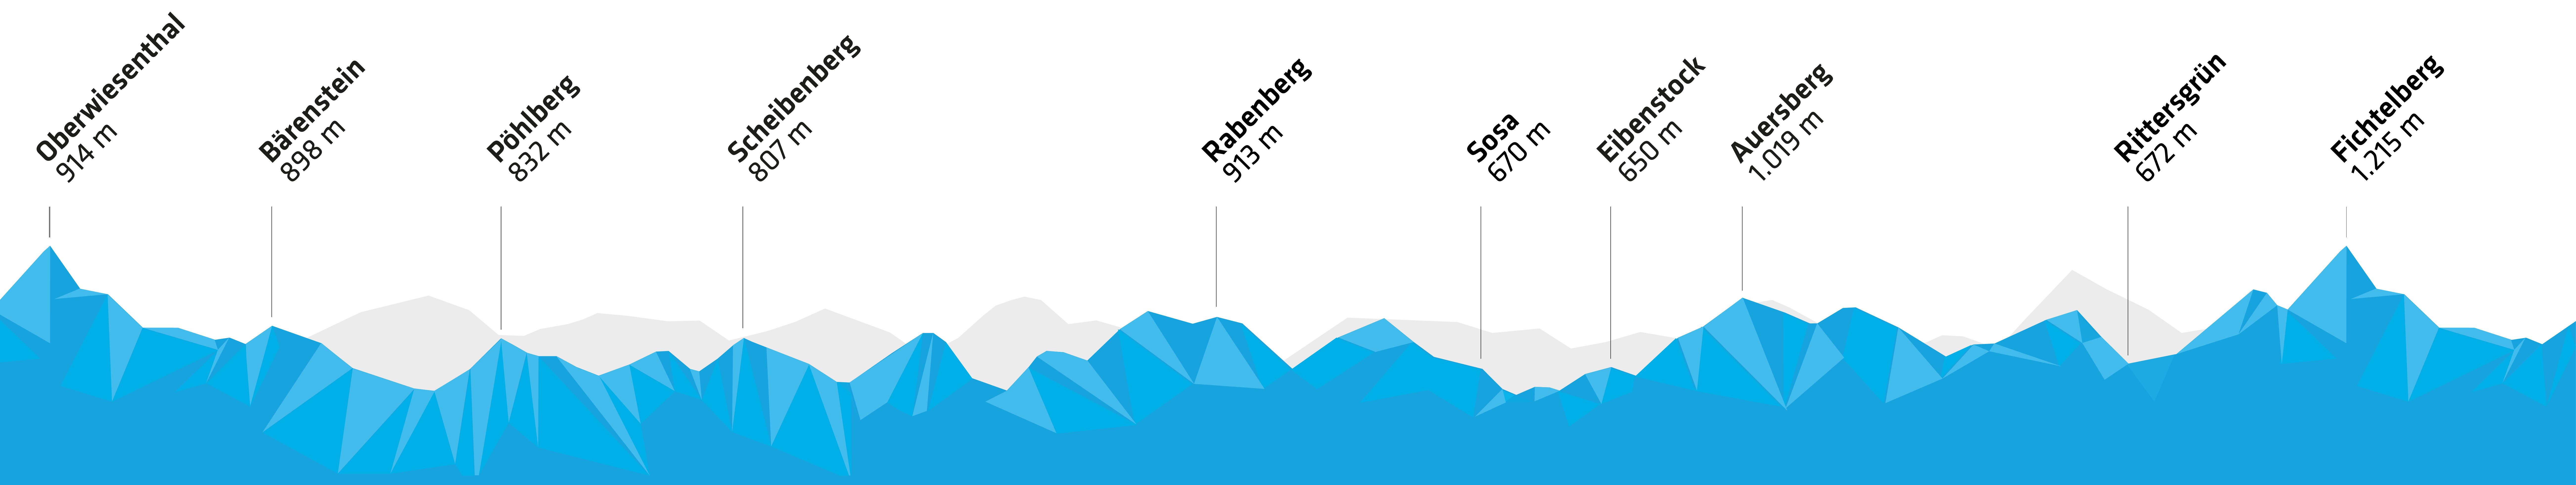 Mountainscape-Orte-Stoneman-Miriquidi-Mountainbike-Erzgebirge Sachsen-RGB-web